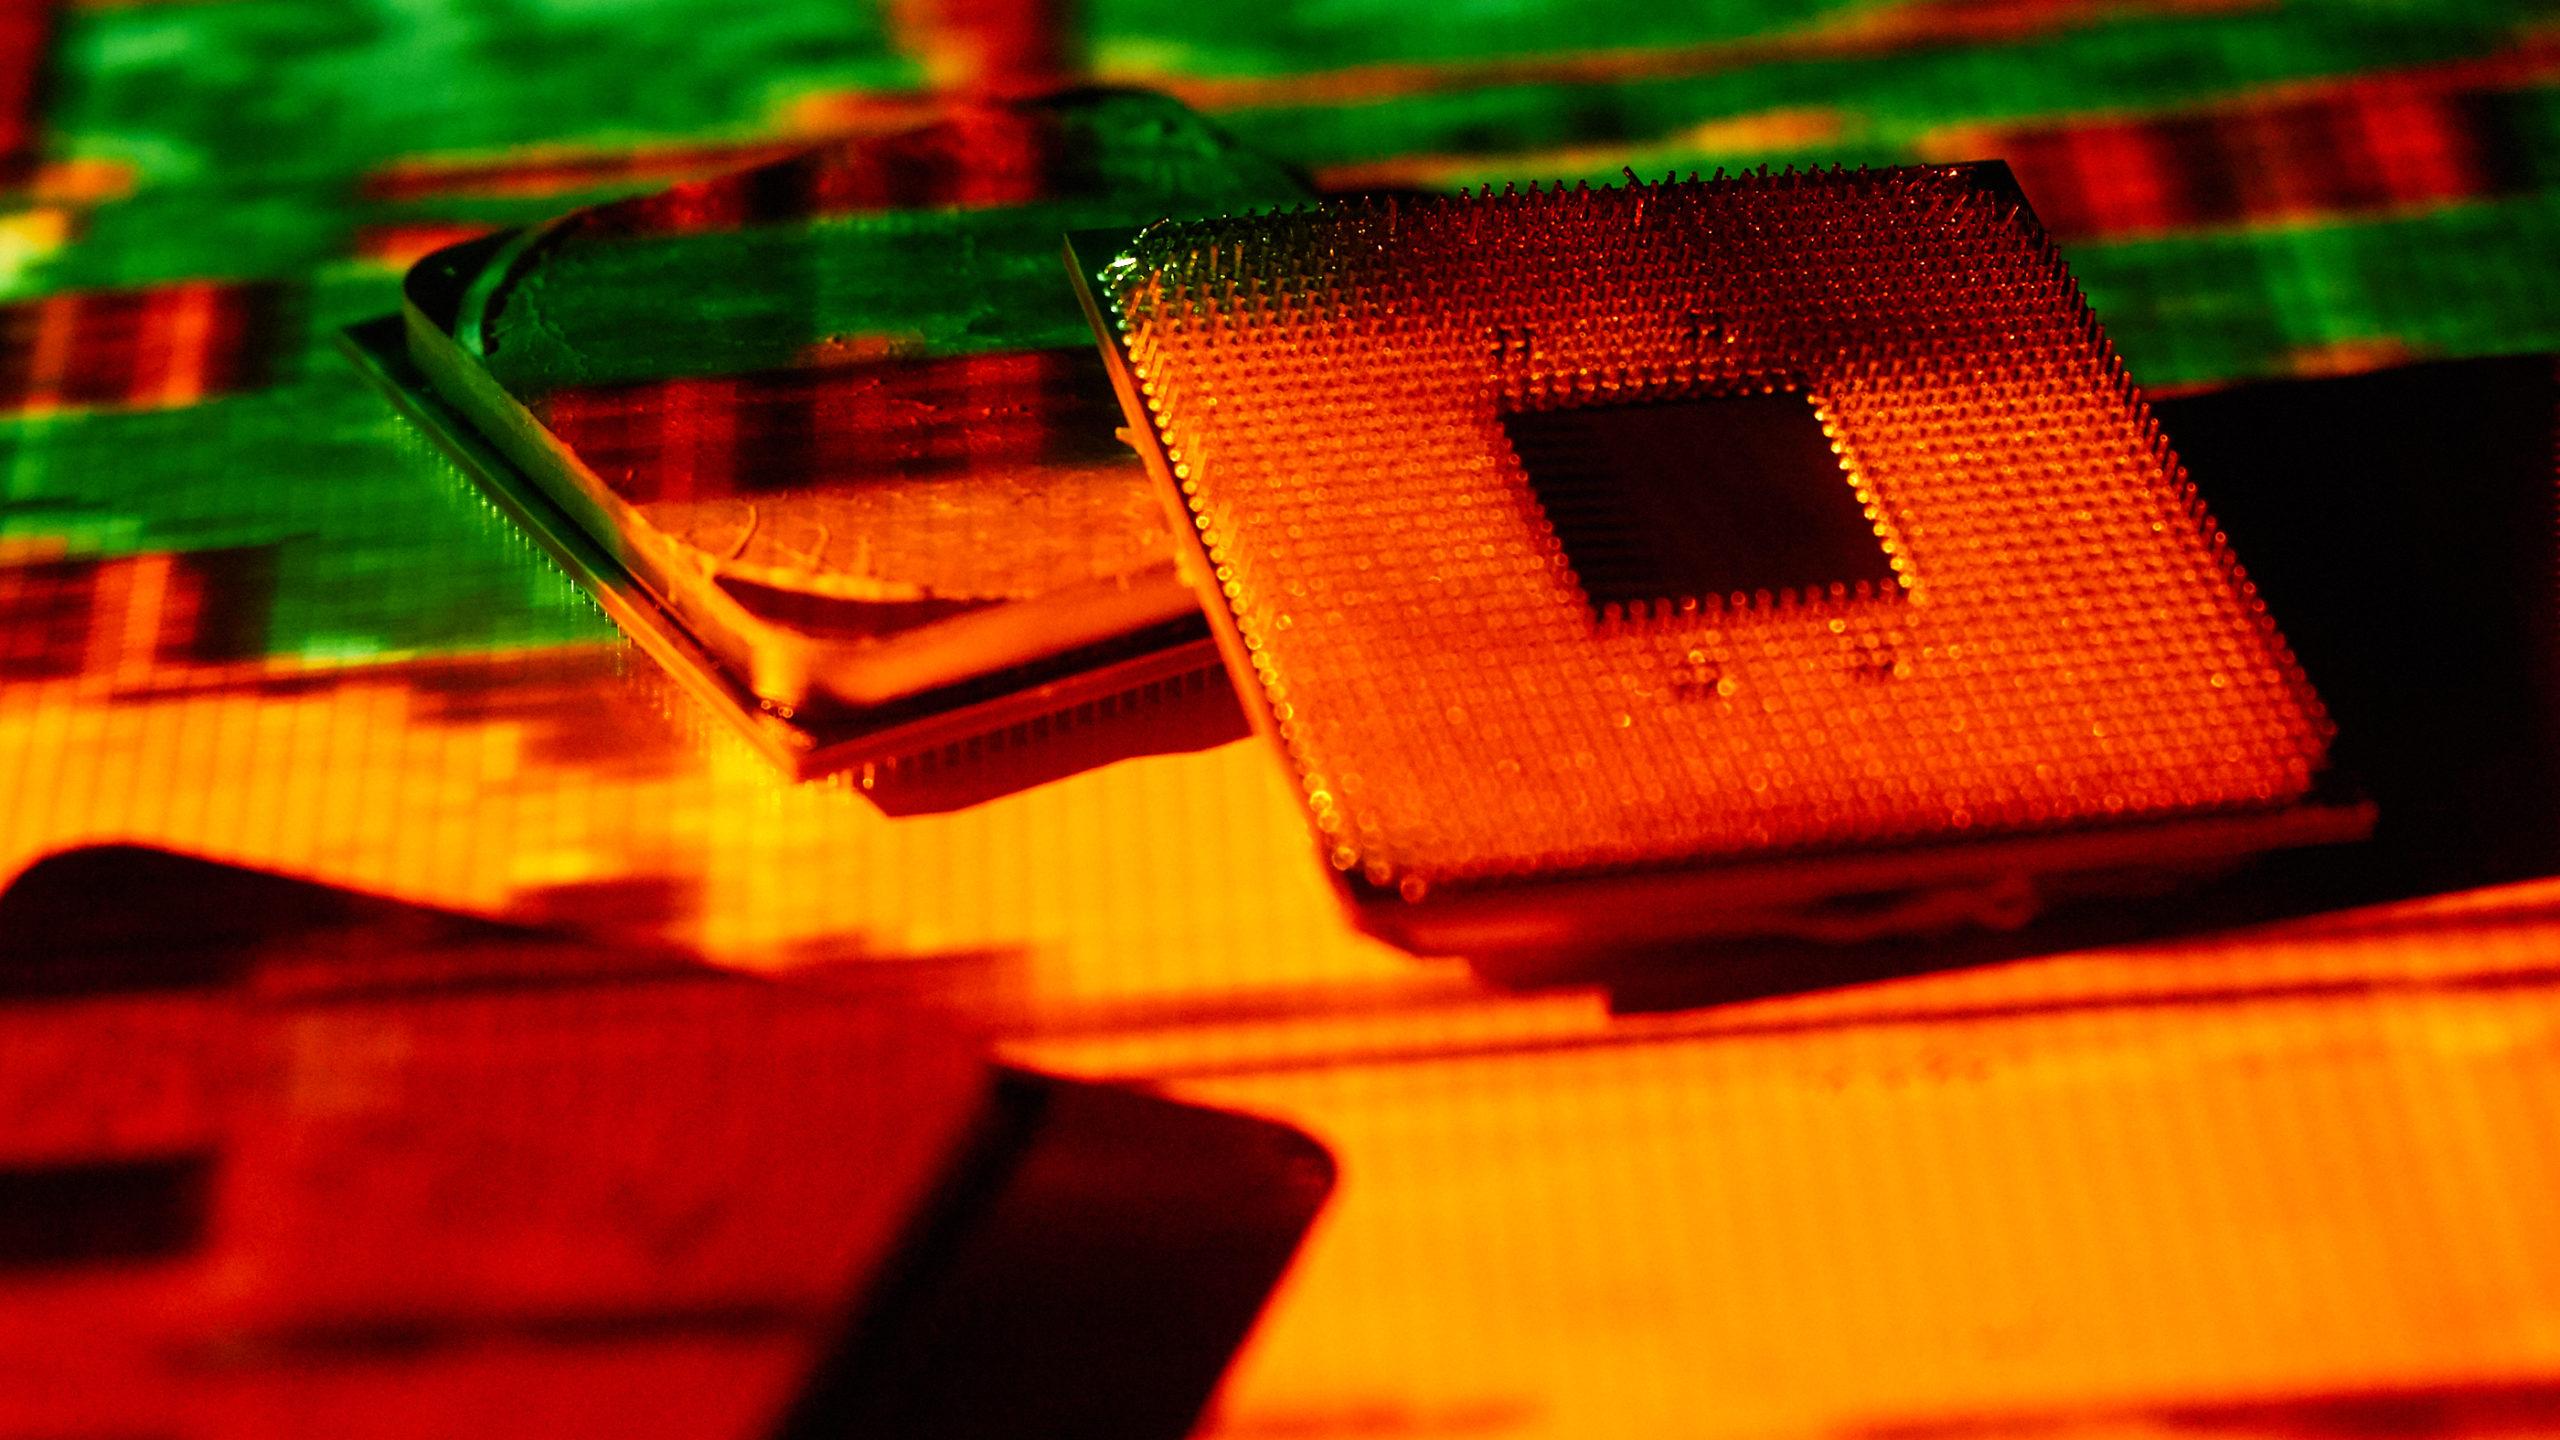 Pinos dobrados de processadores AMD. Crédito: Alex Cranz/Gizmodo